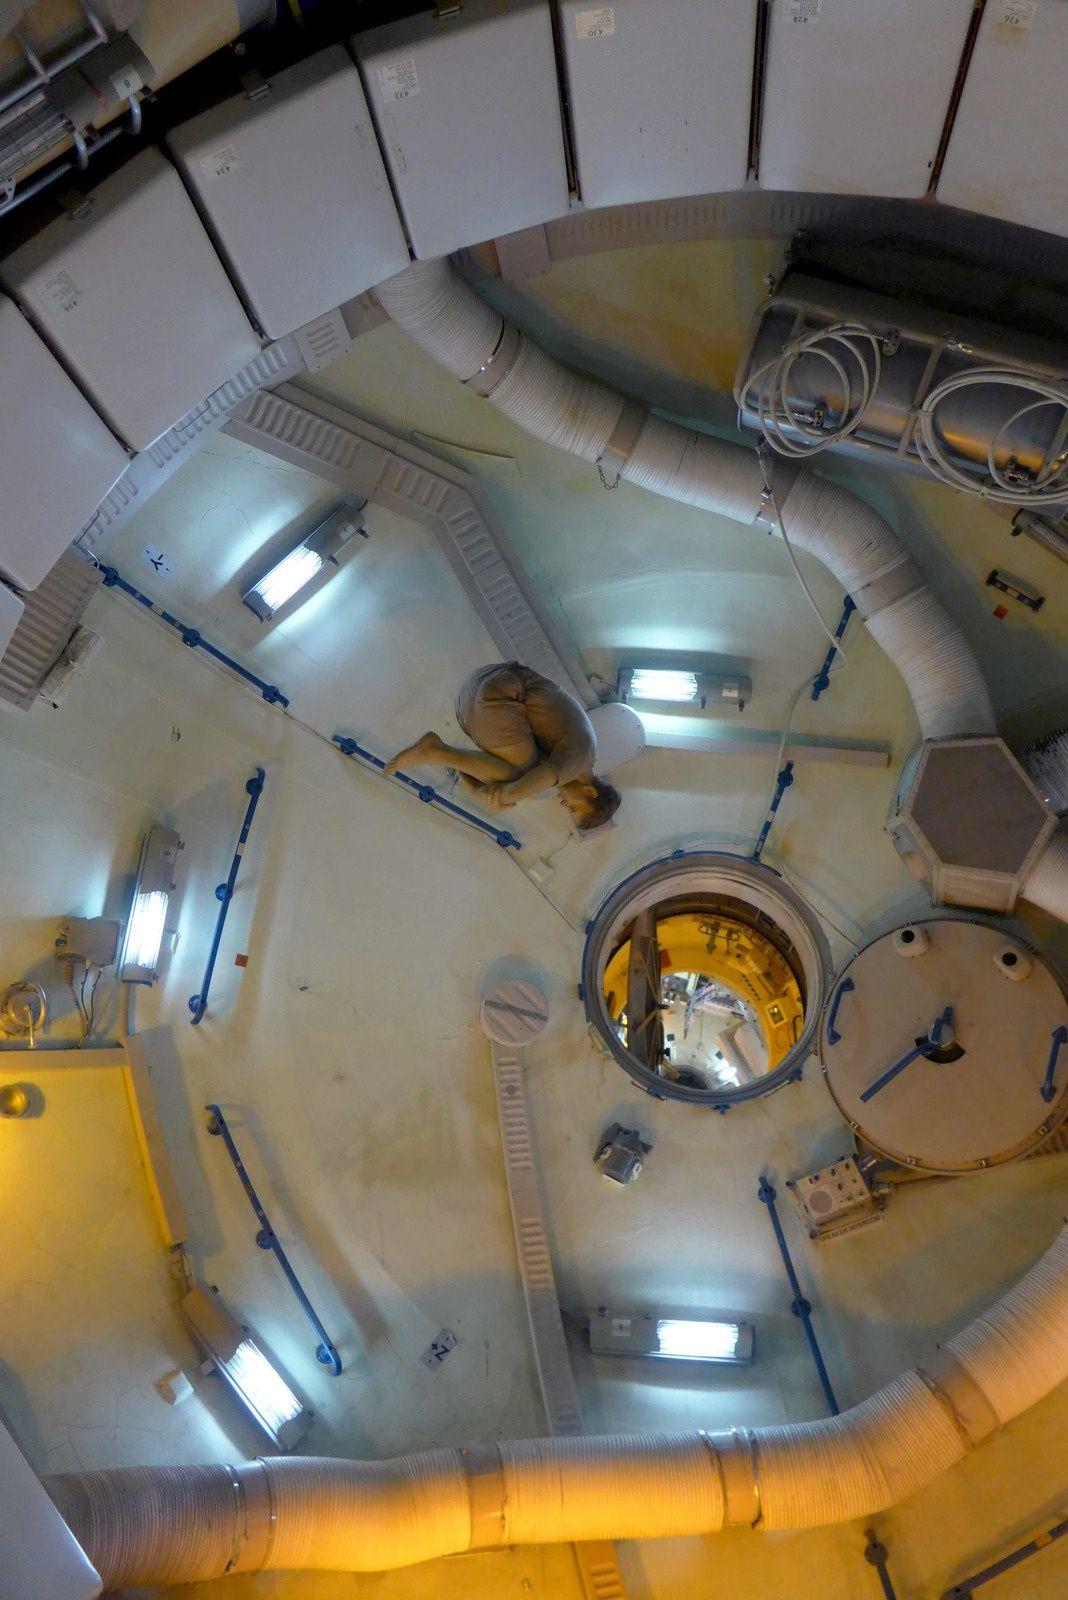 A la fin ils nous ont convaincu de partir avec eux quelques jours dans une station spatiale, en espérant qu'ils nous reposeront au Mexique &#x3B;)